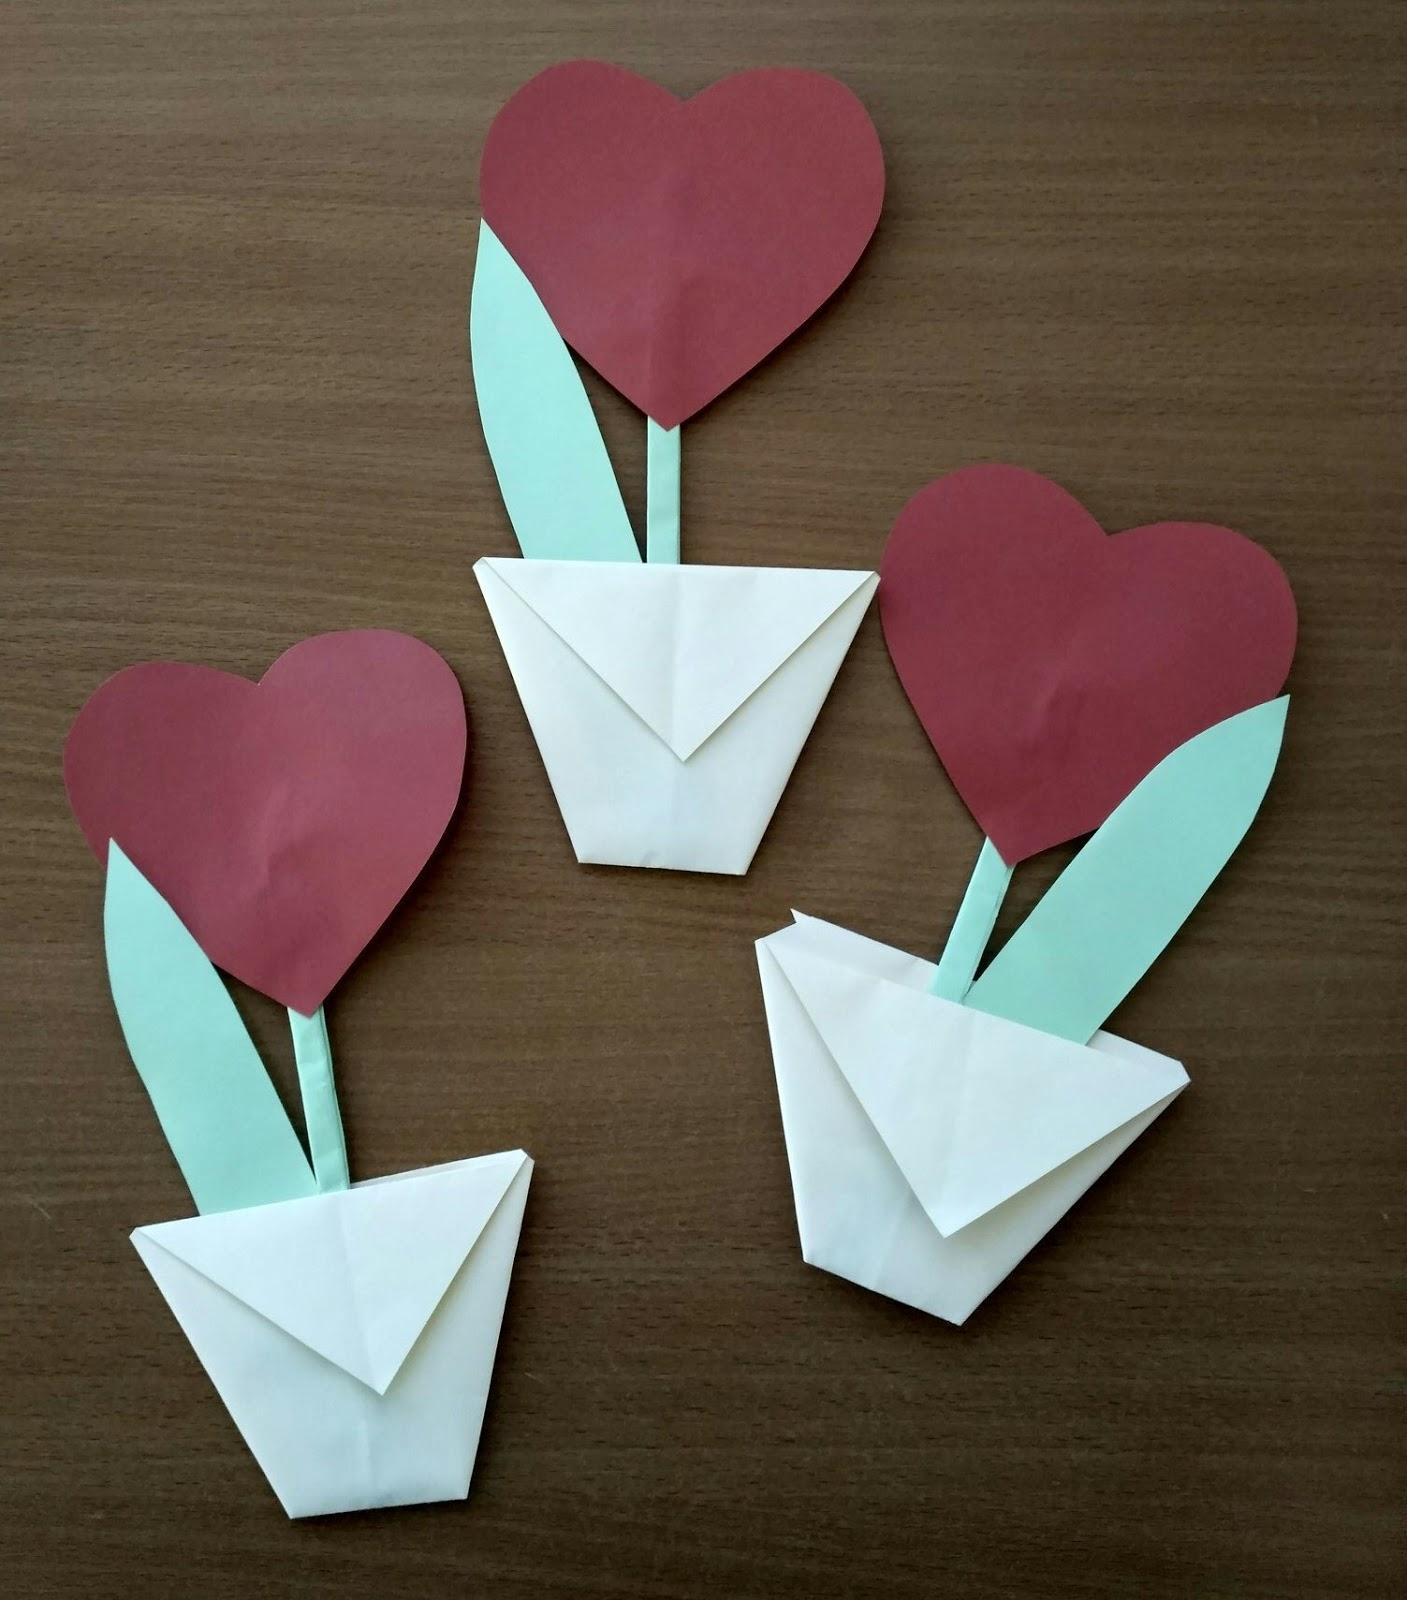 Смыслом, открытка сердечко своими руками из бумаги для мамы